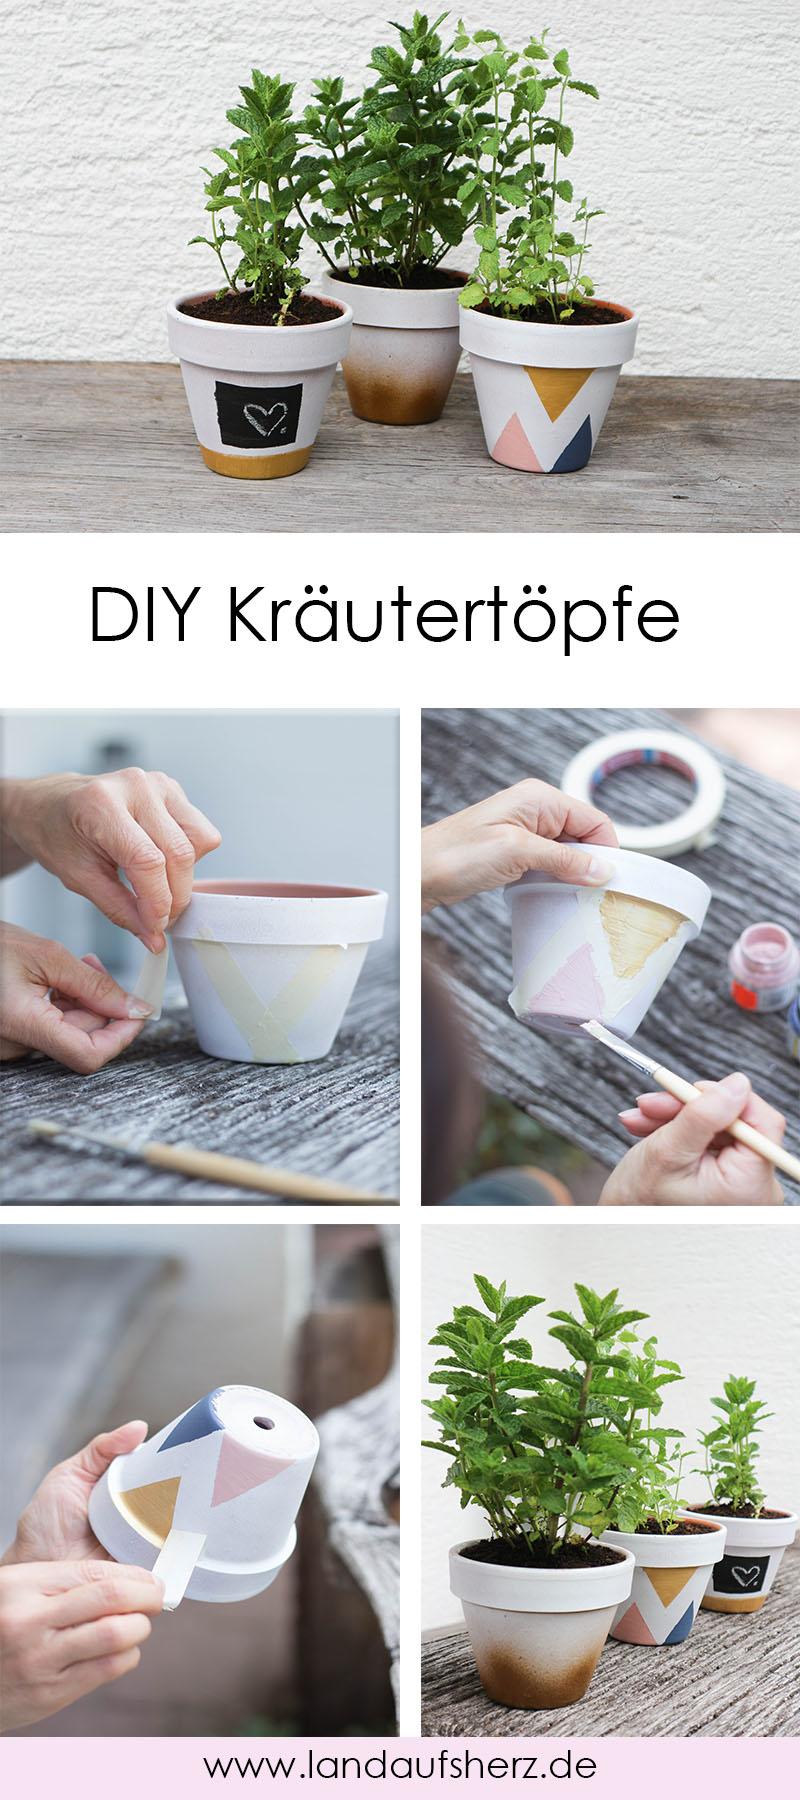 DIY Kräutertöpfe